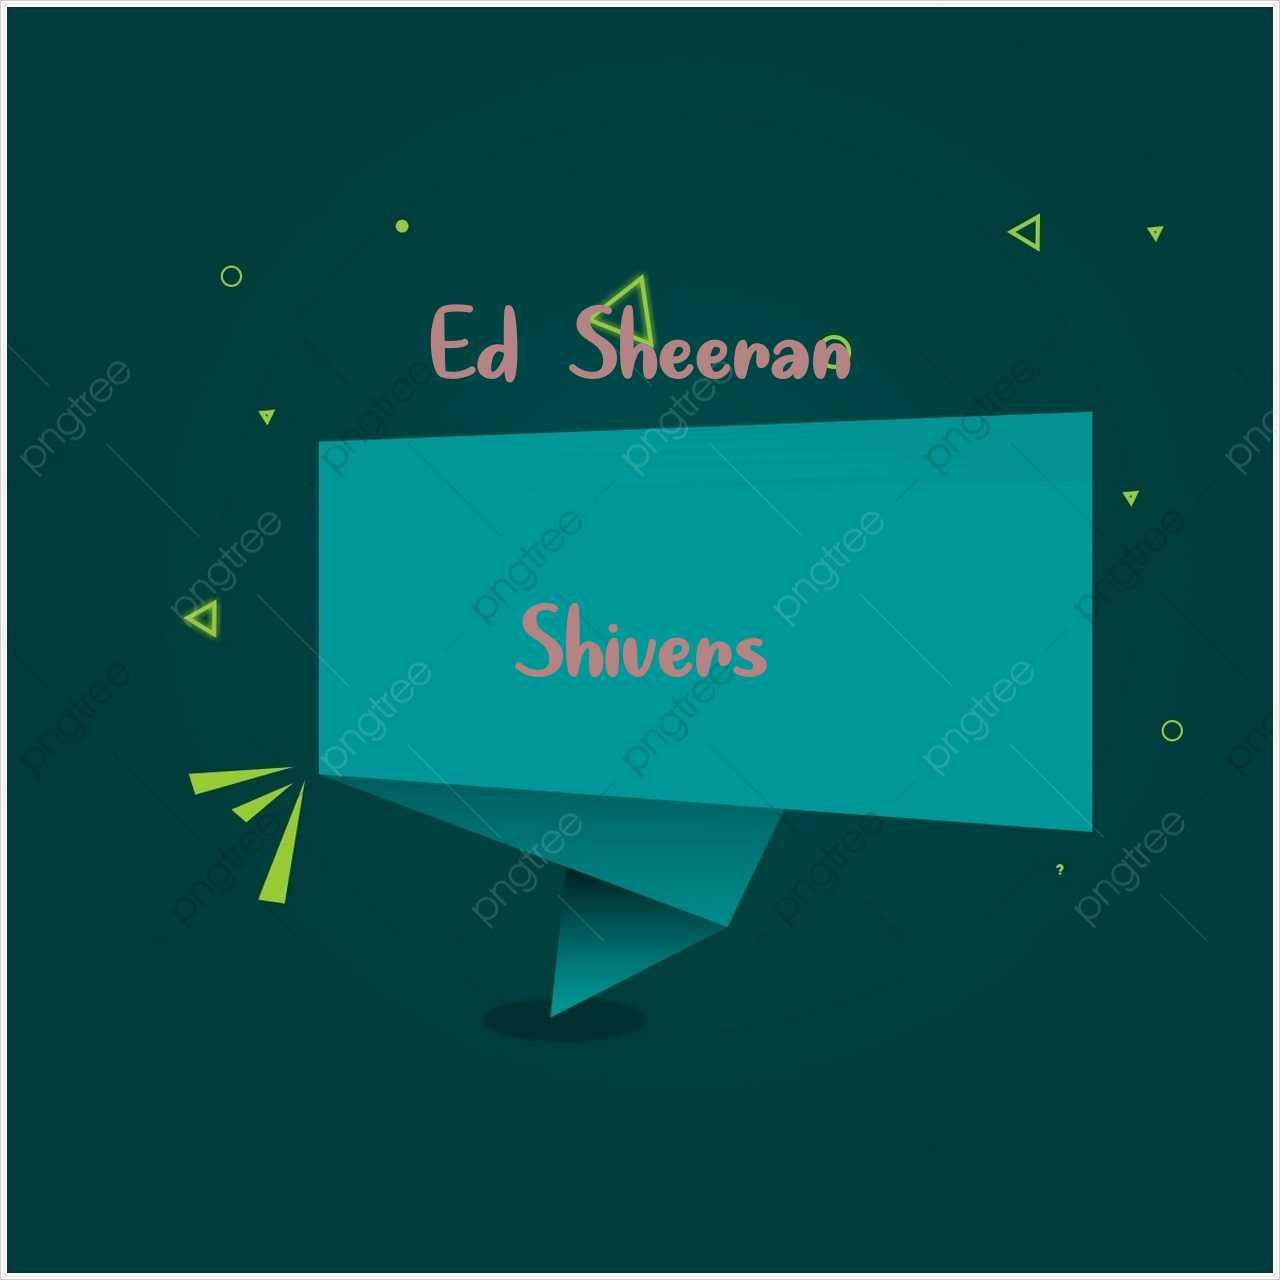 دانلود آهنگ جدید Ed Sheeran به نام Shivers